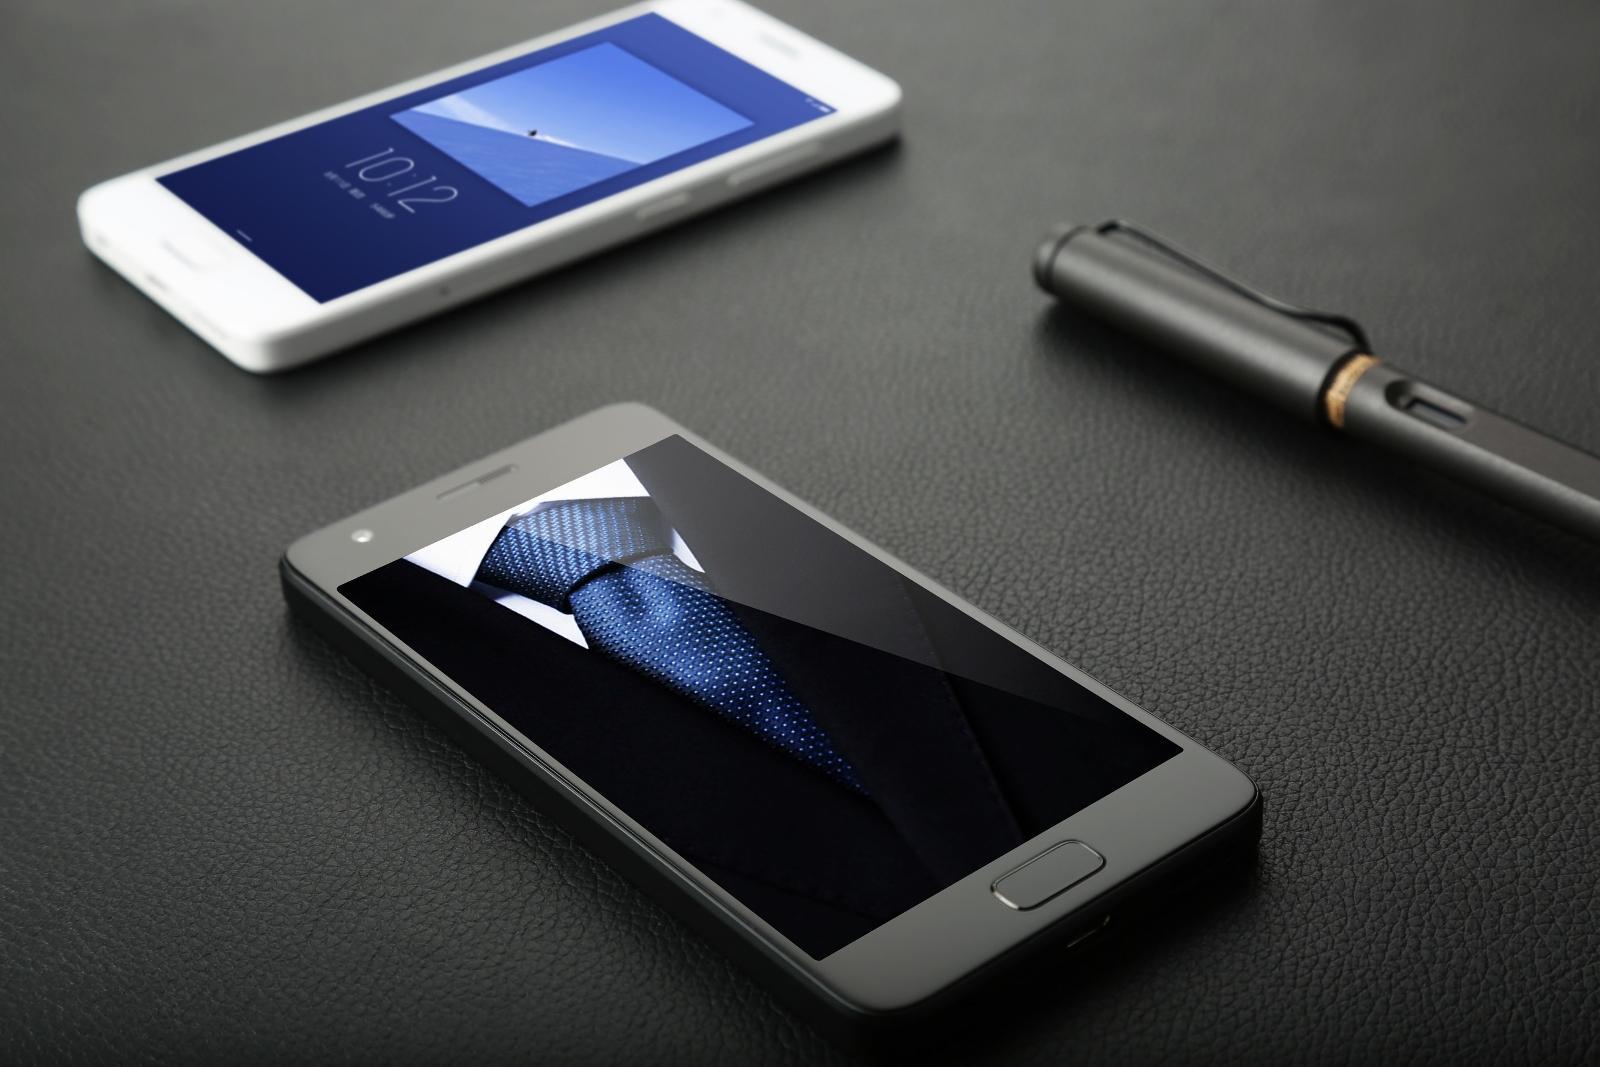 ТОП - 3 самых производительных китайских смартфона до 30 000 рублей